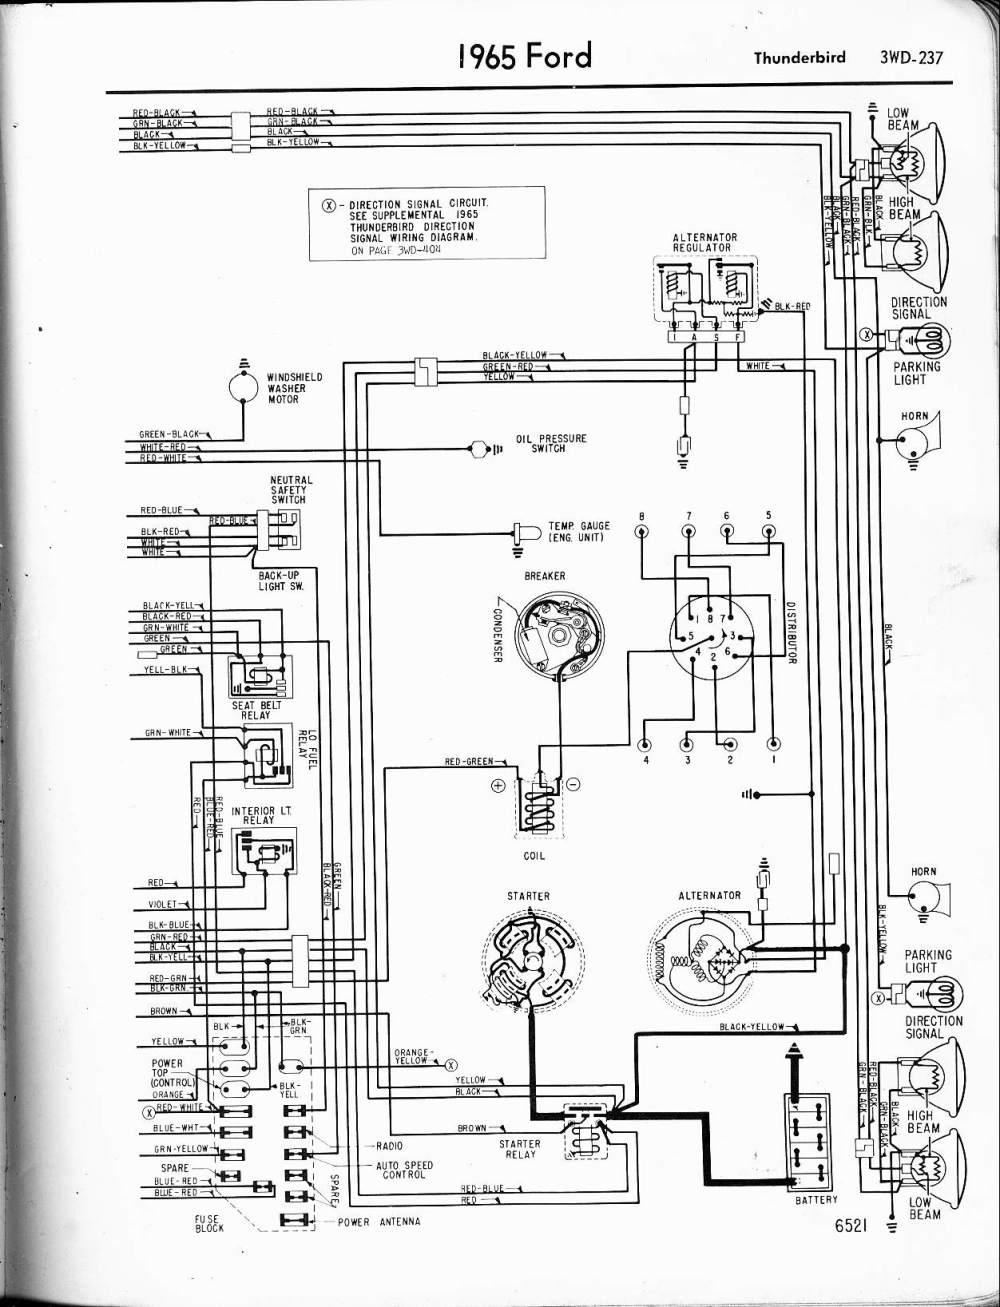 medium resolution of 1965 ford thunderbird alternator wiring diagram